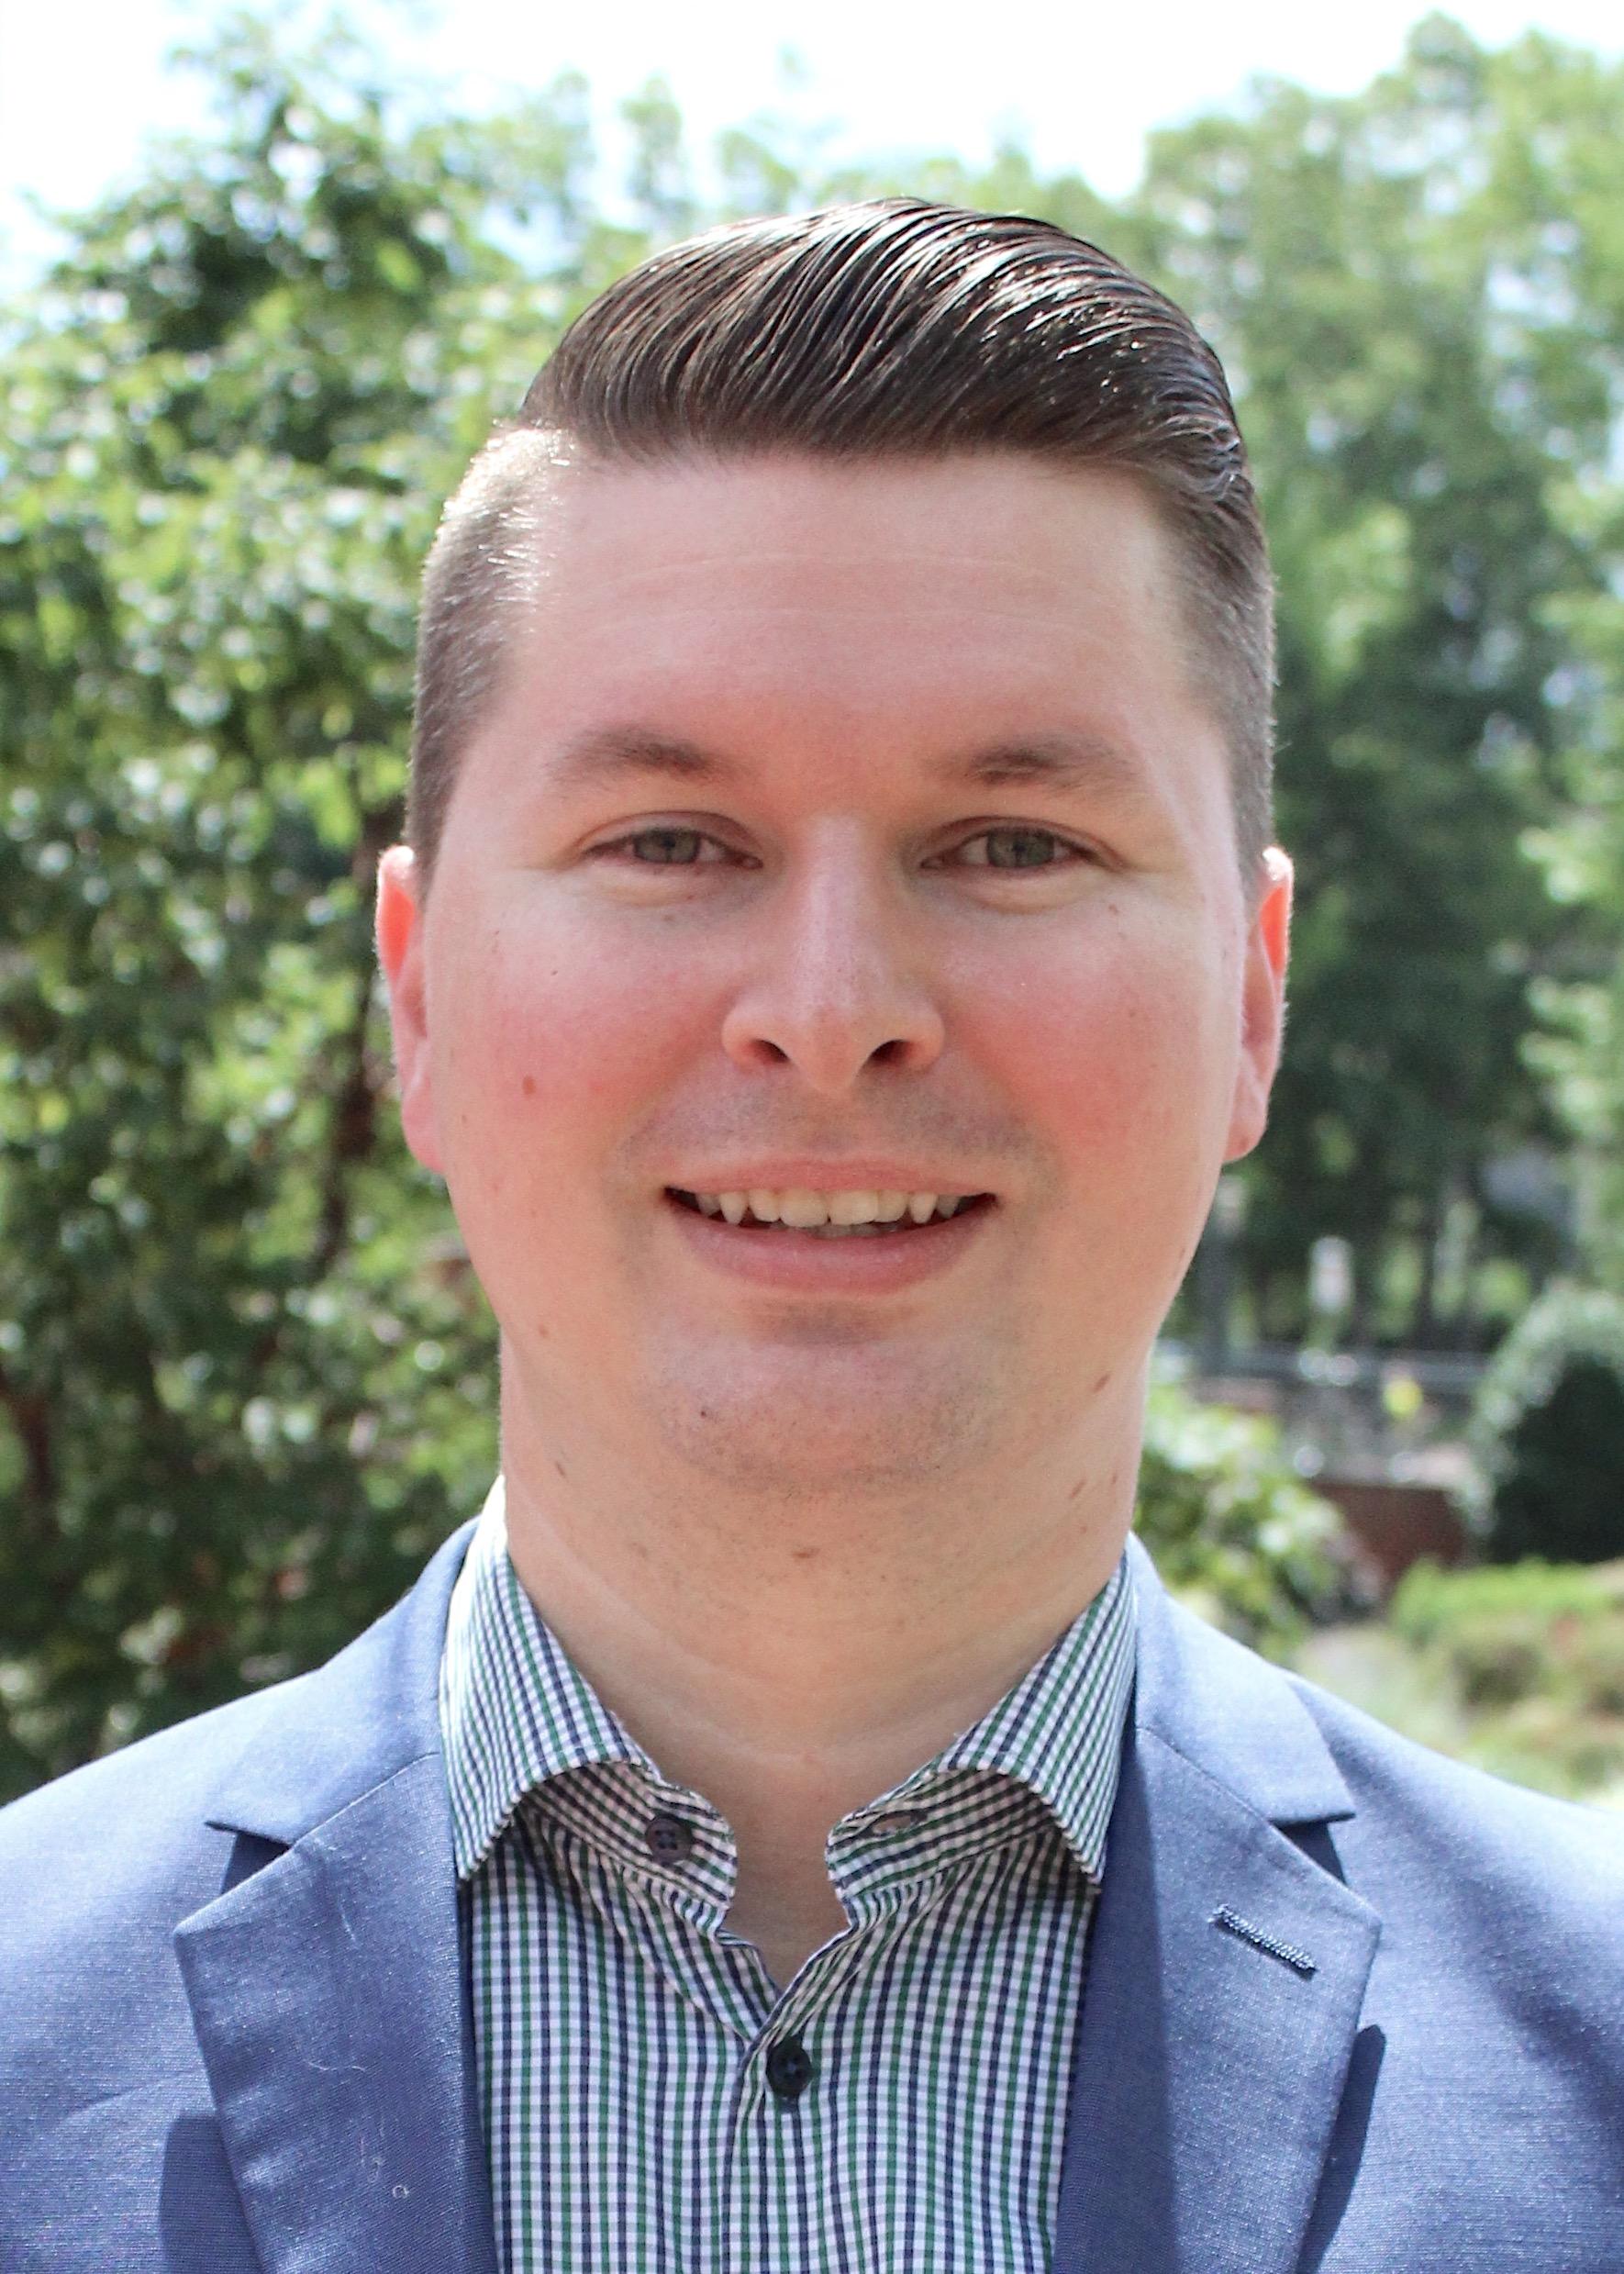 Ryan A. Miller